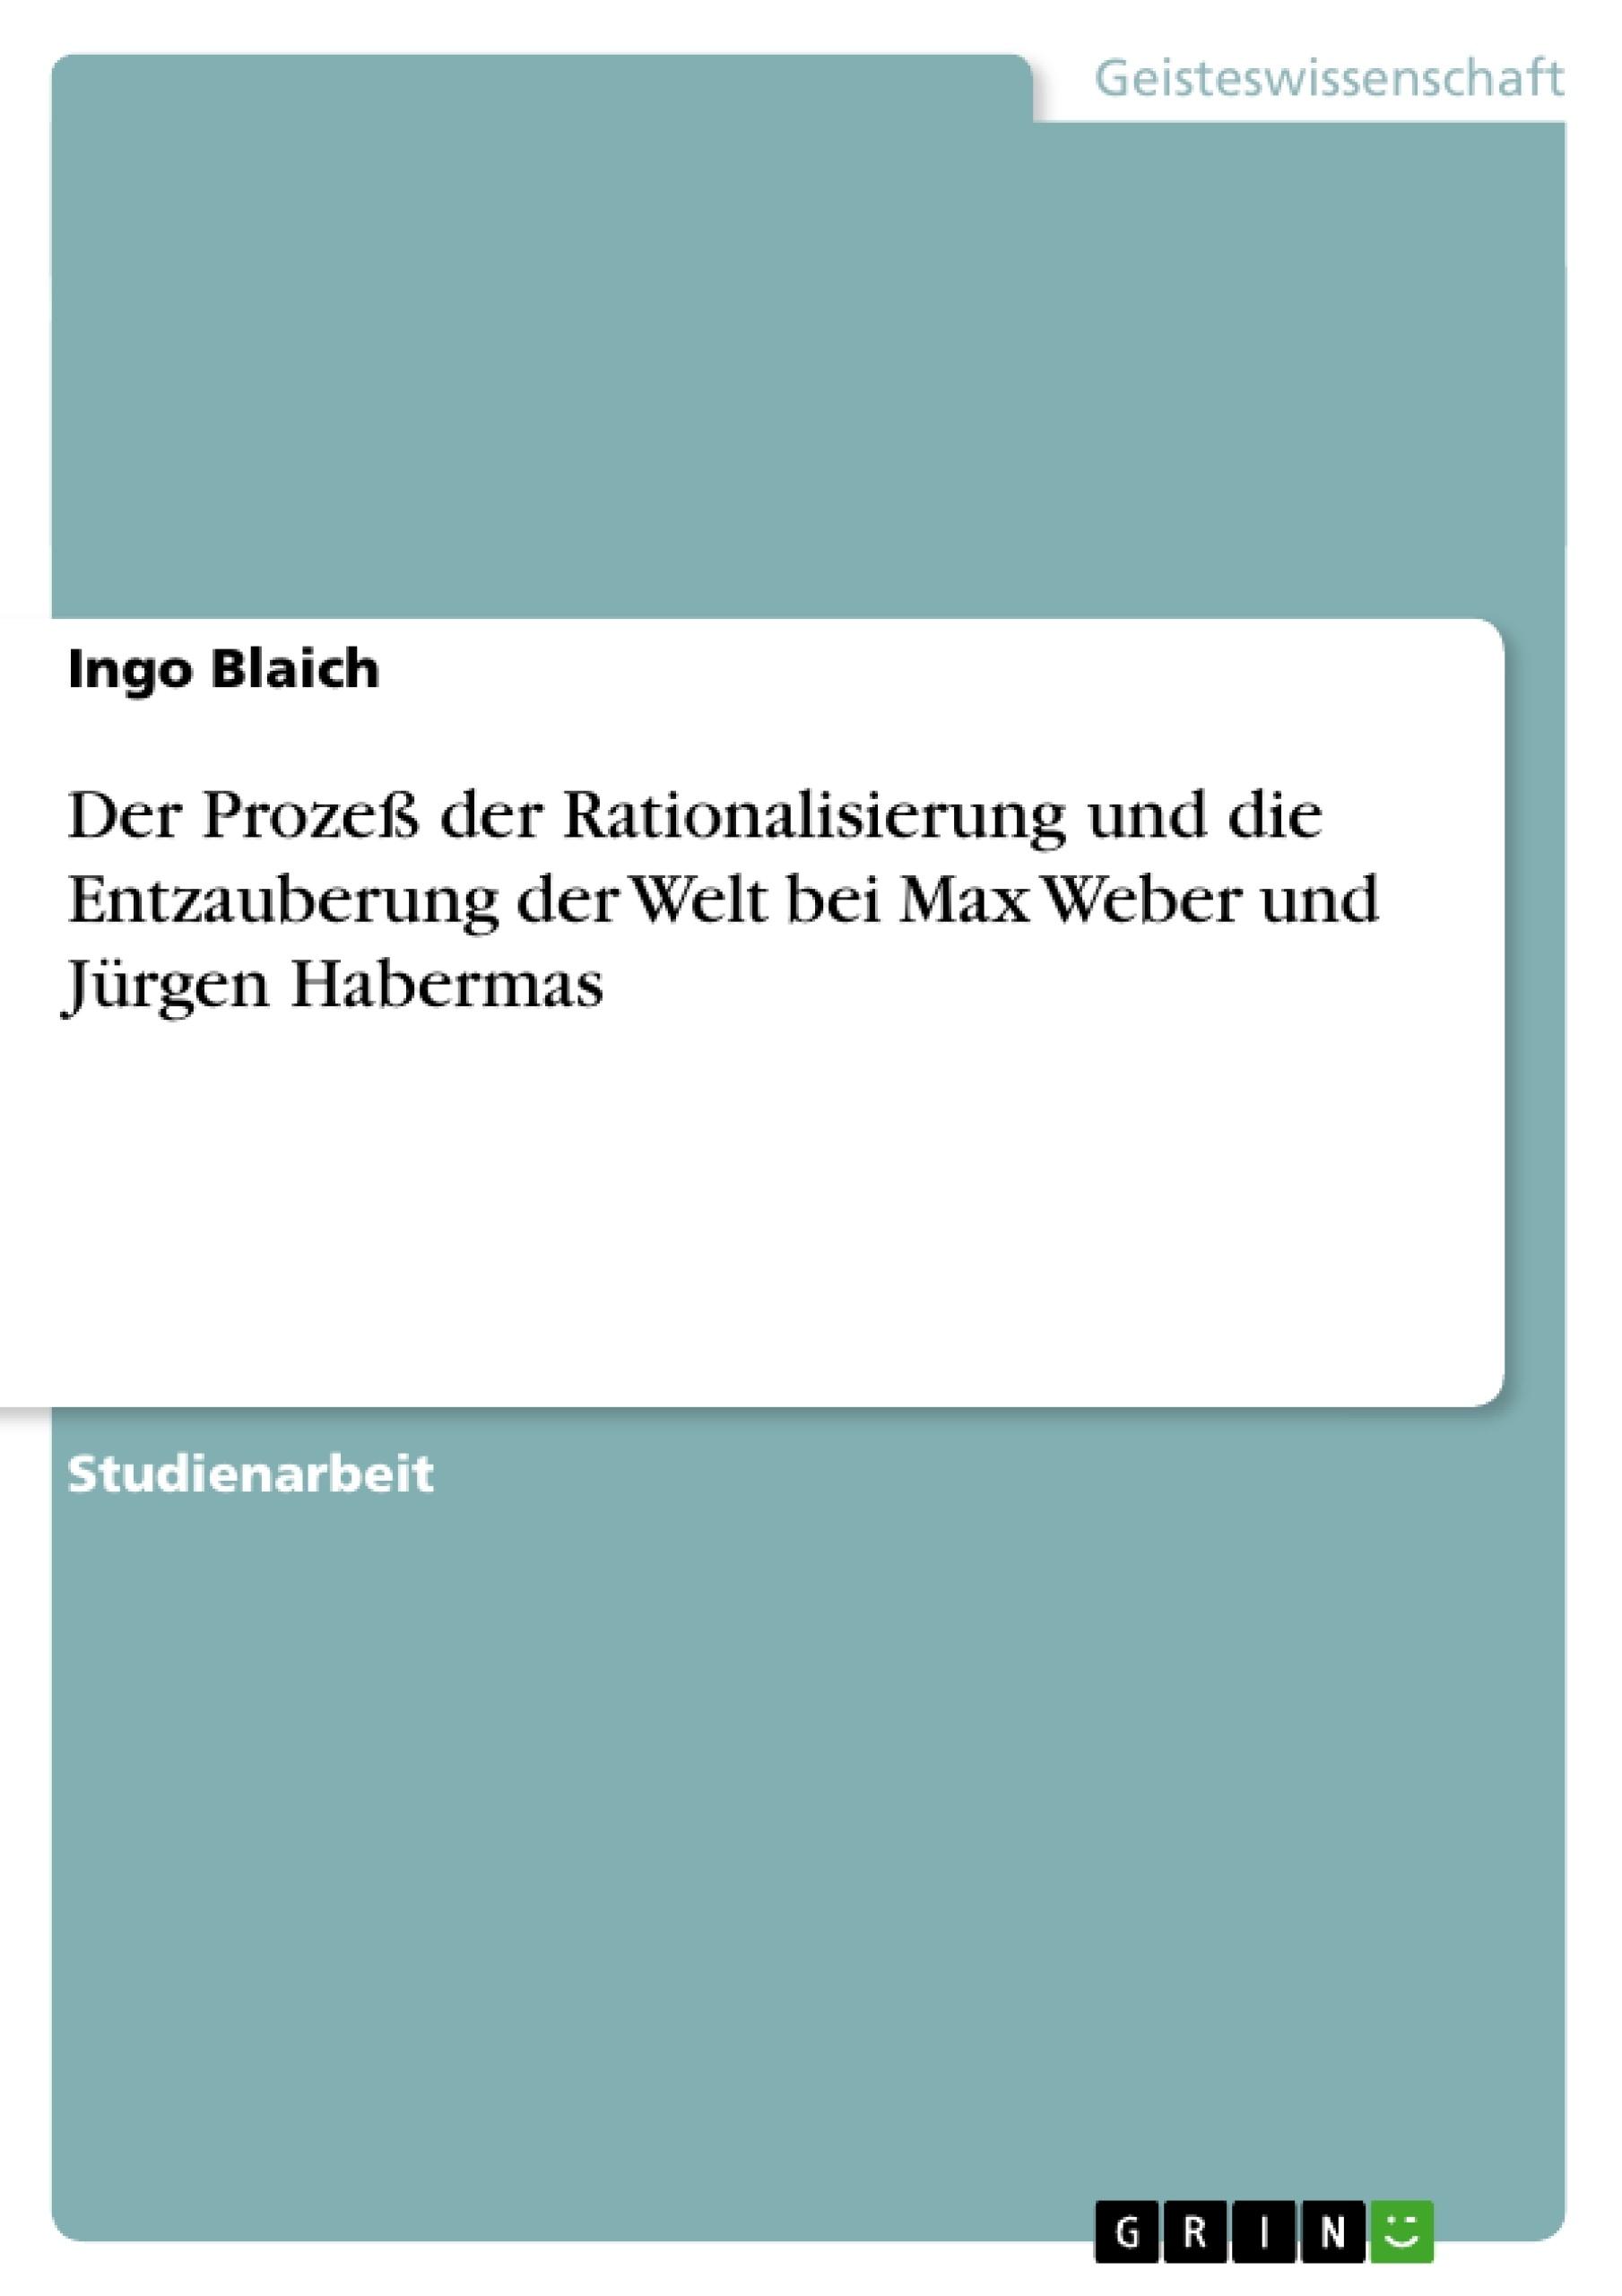 Titel: Der Prozeß der Rationalisierung und die Entzauberung der Welt bei Max Weber und Jürgen Habermas